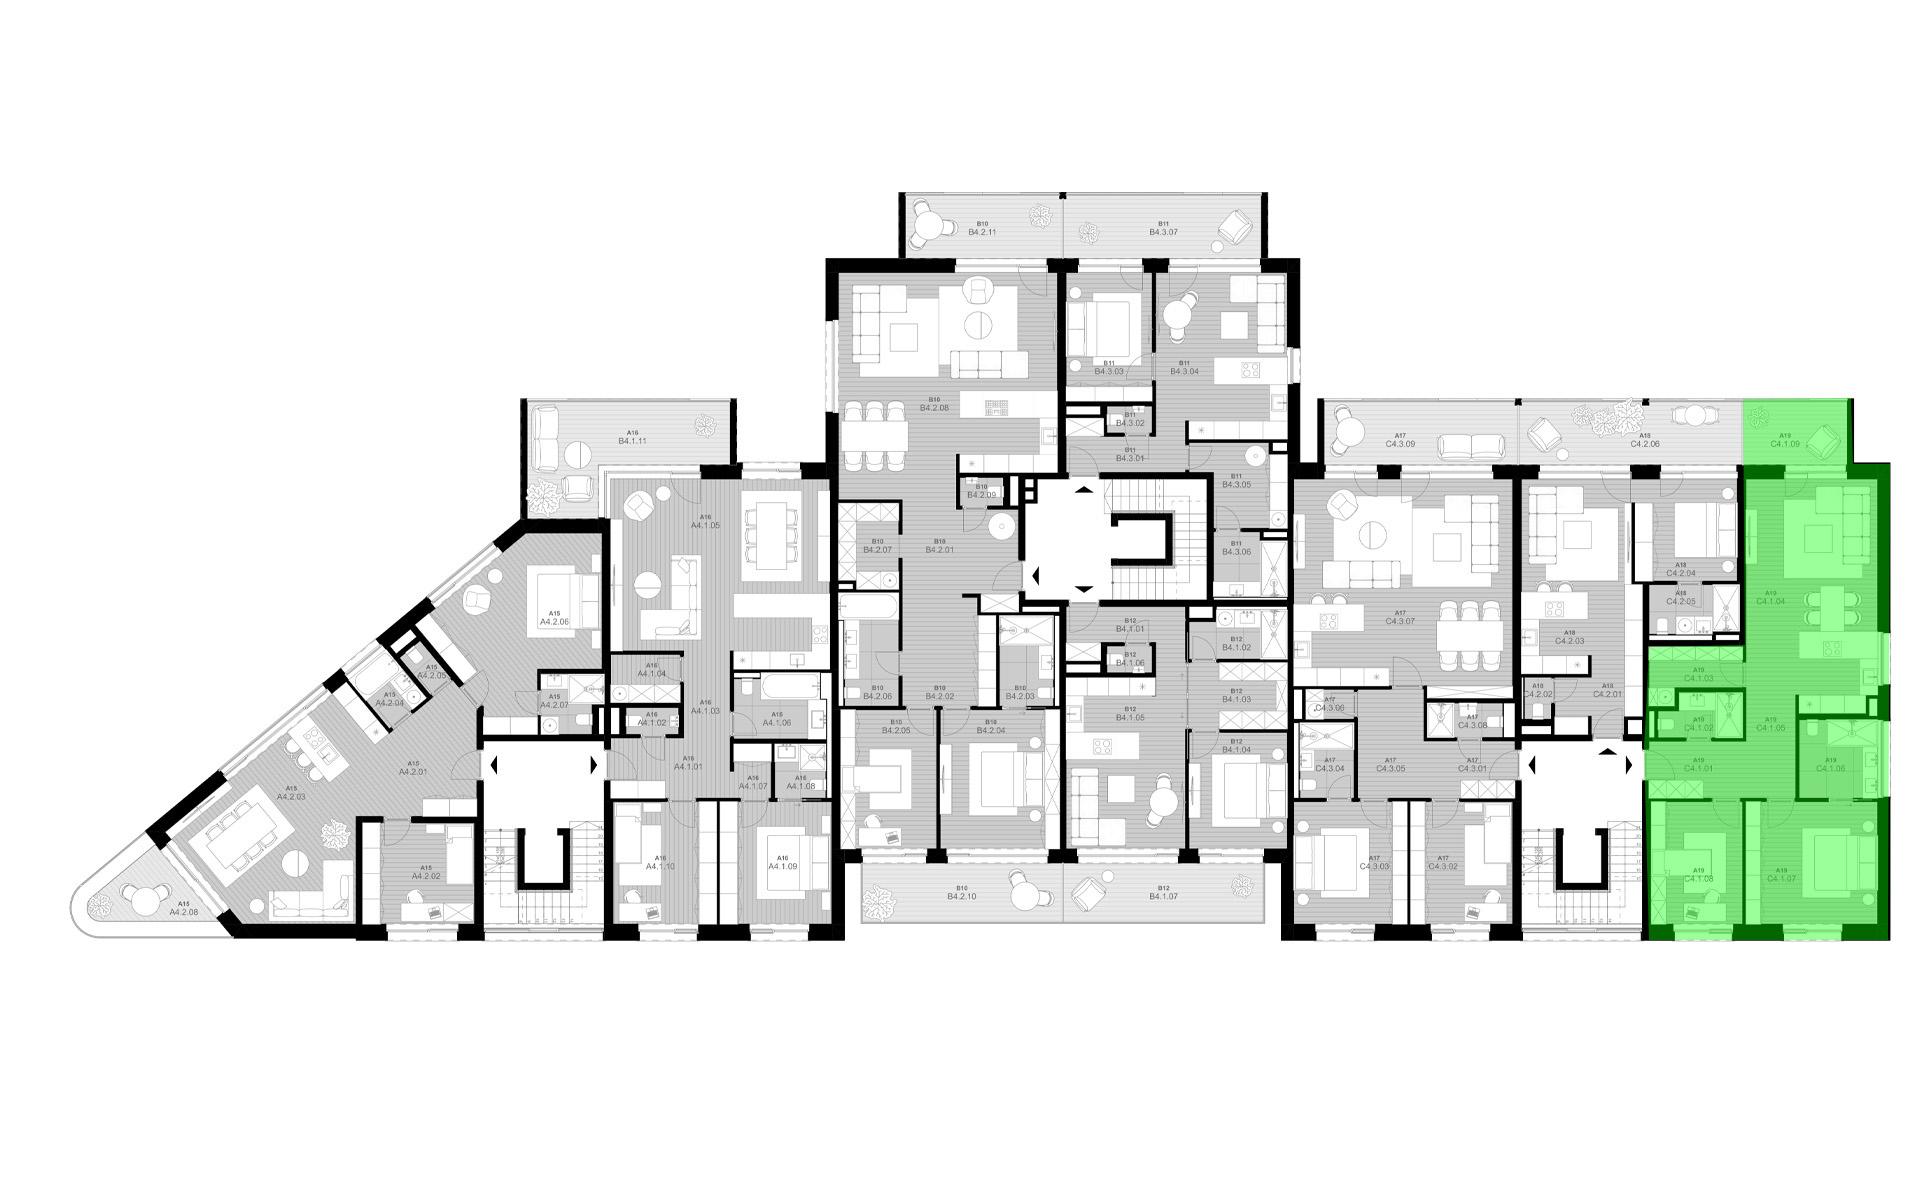 rezidencia K Železnej Studienke - pôdorys so zvýraznením apartmánu C4.1